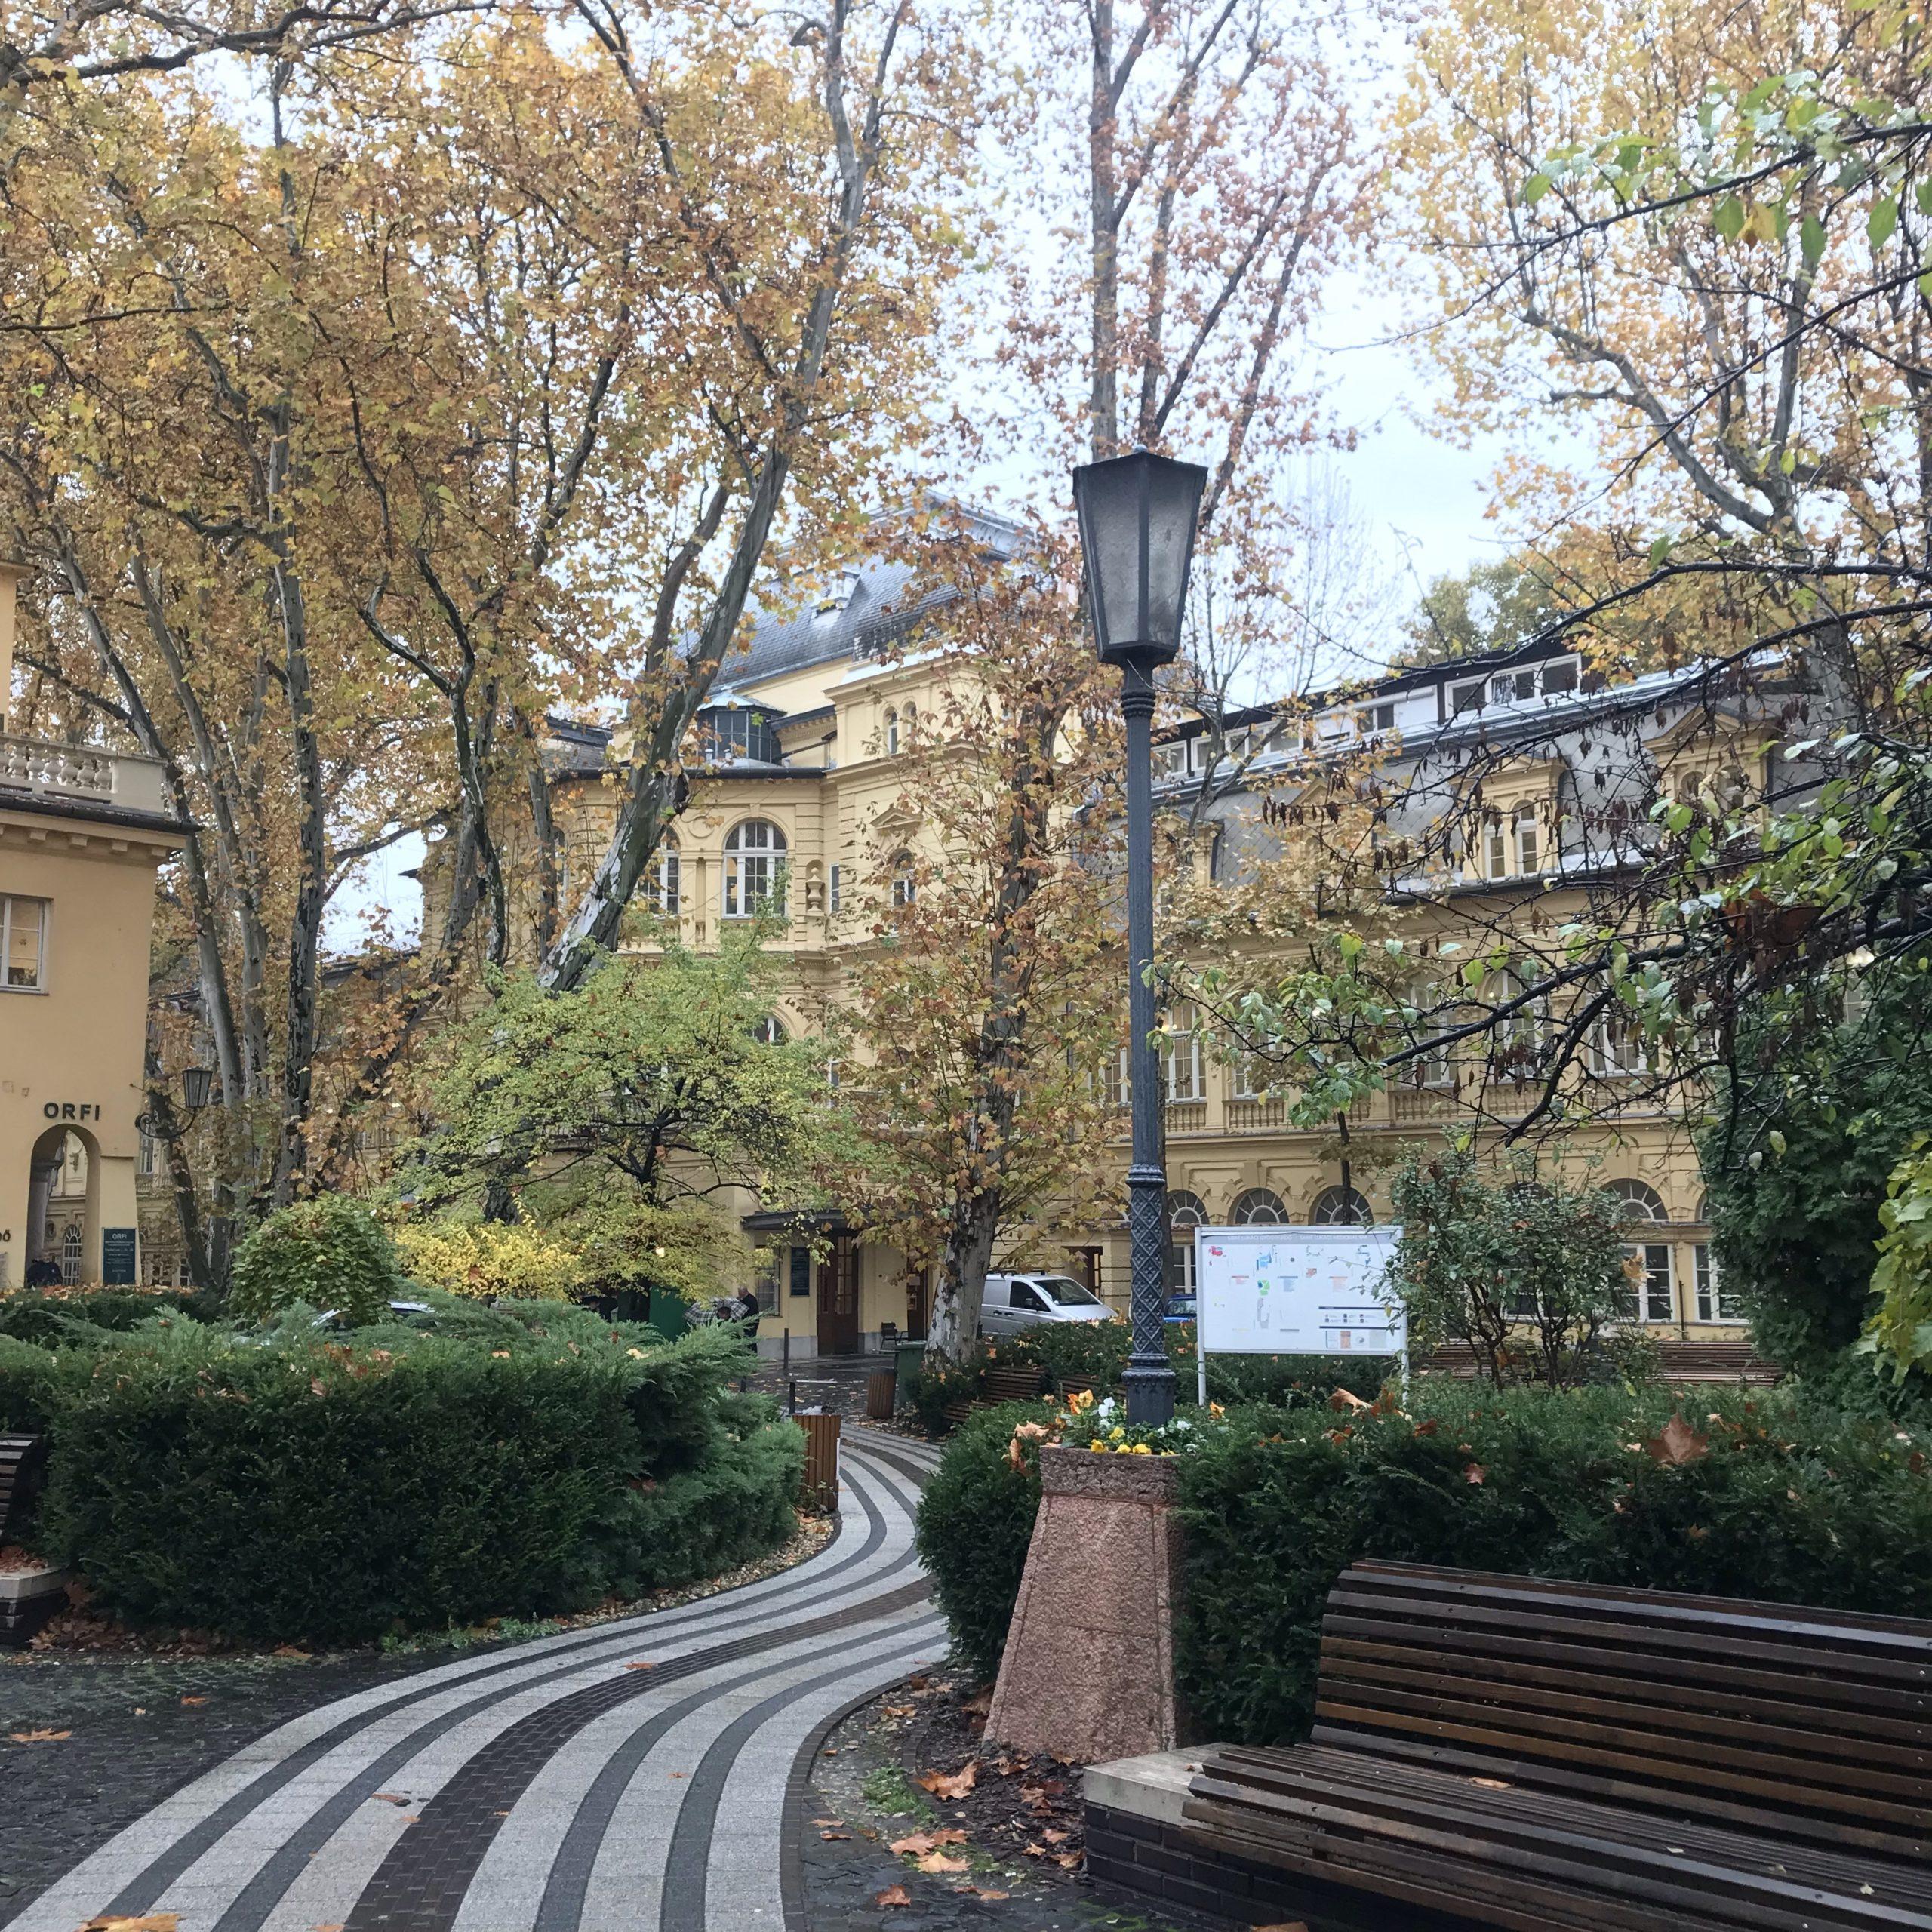 ブダペスト旅行 温泉情報 第3位 ルカーチ温泉   人生いろいろ 咲き乱れ